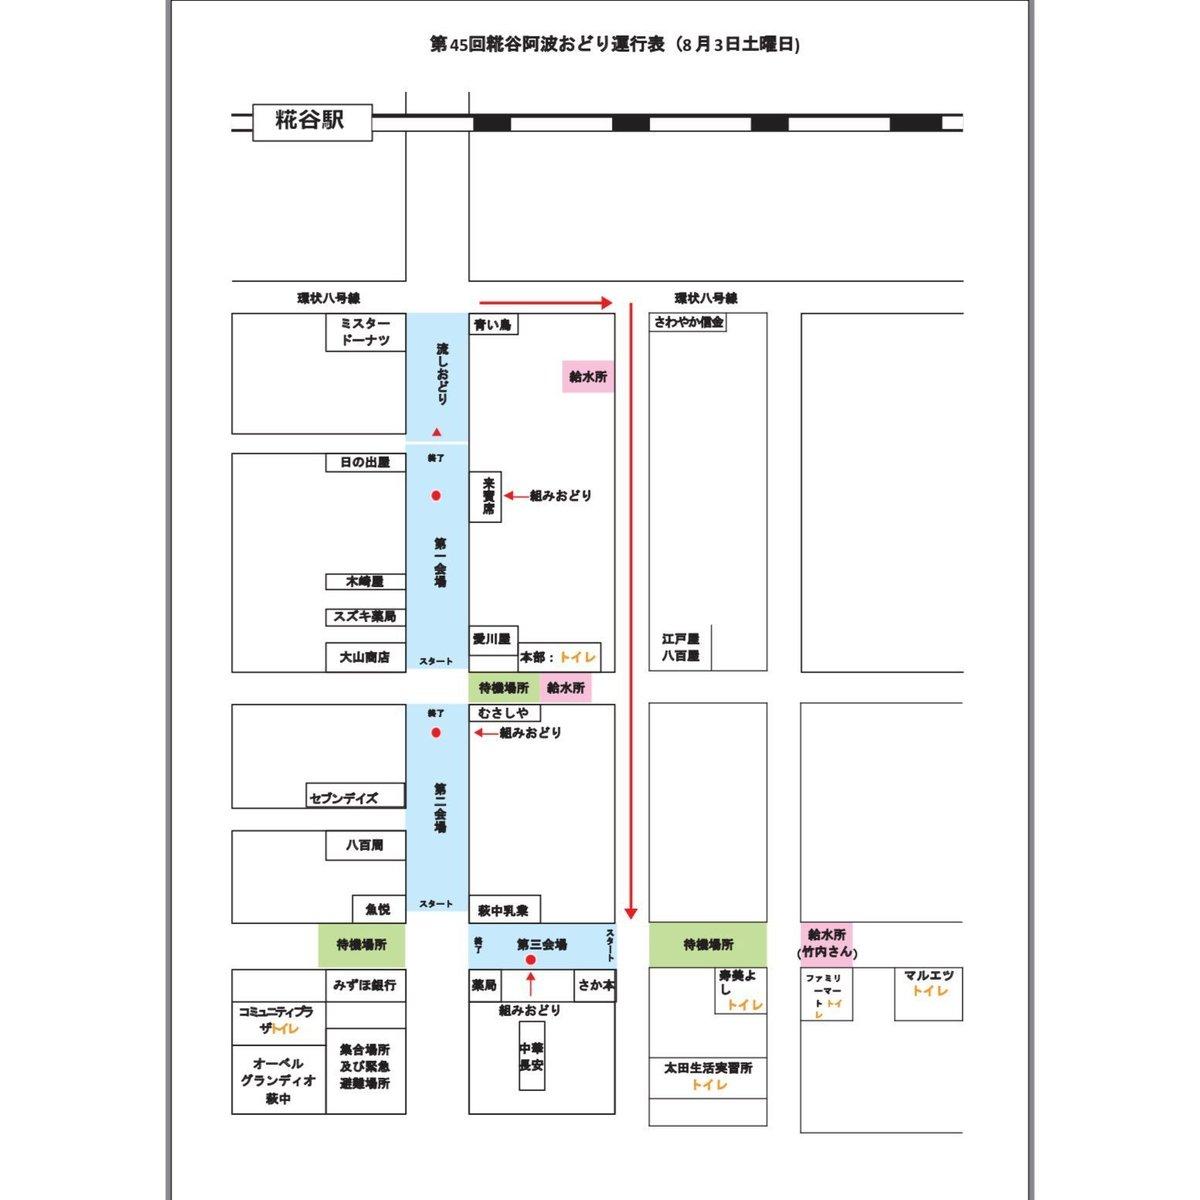 2019糀谷阿波おどり運行地図2日目.jpg